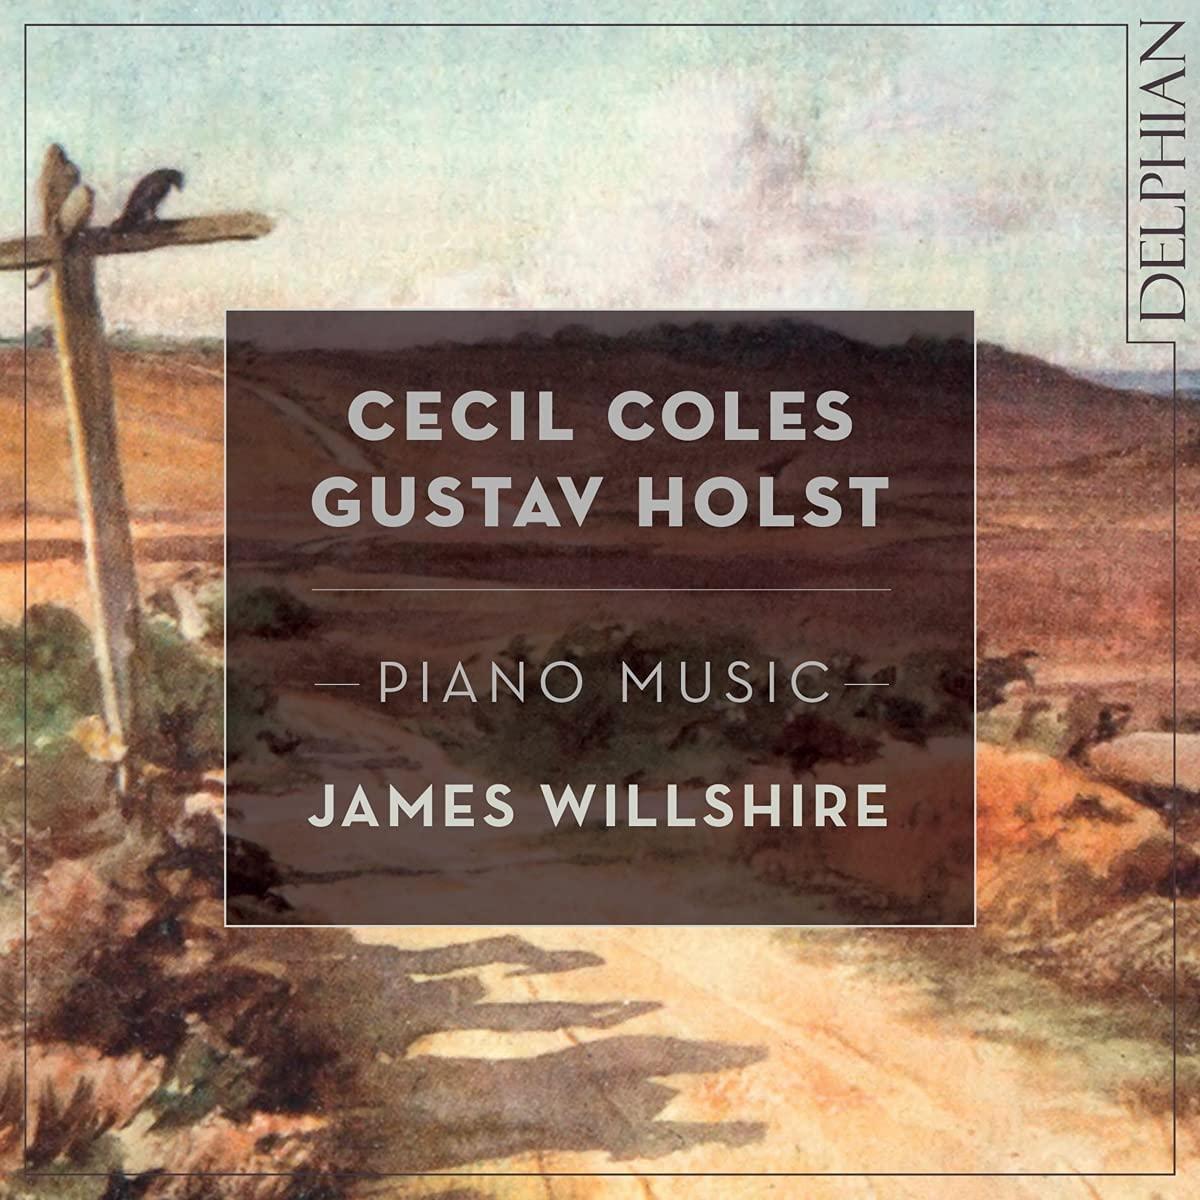 Cecil Coles